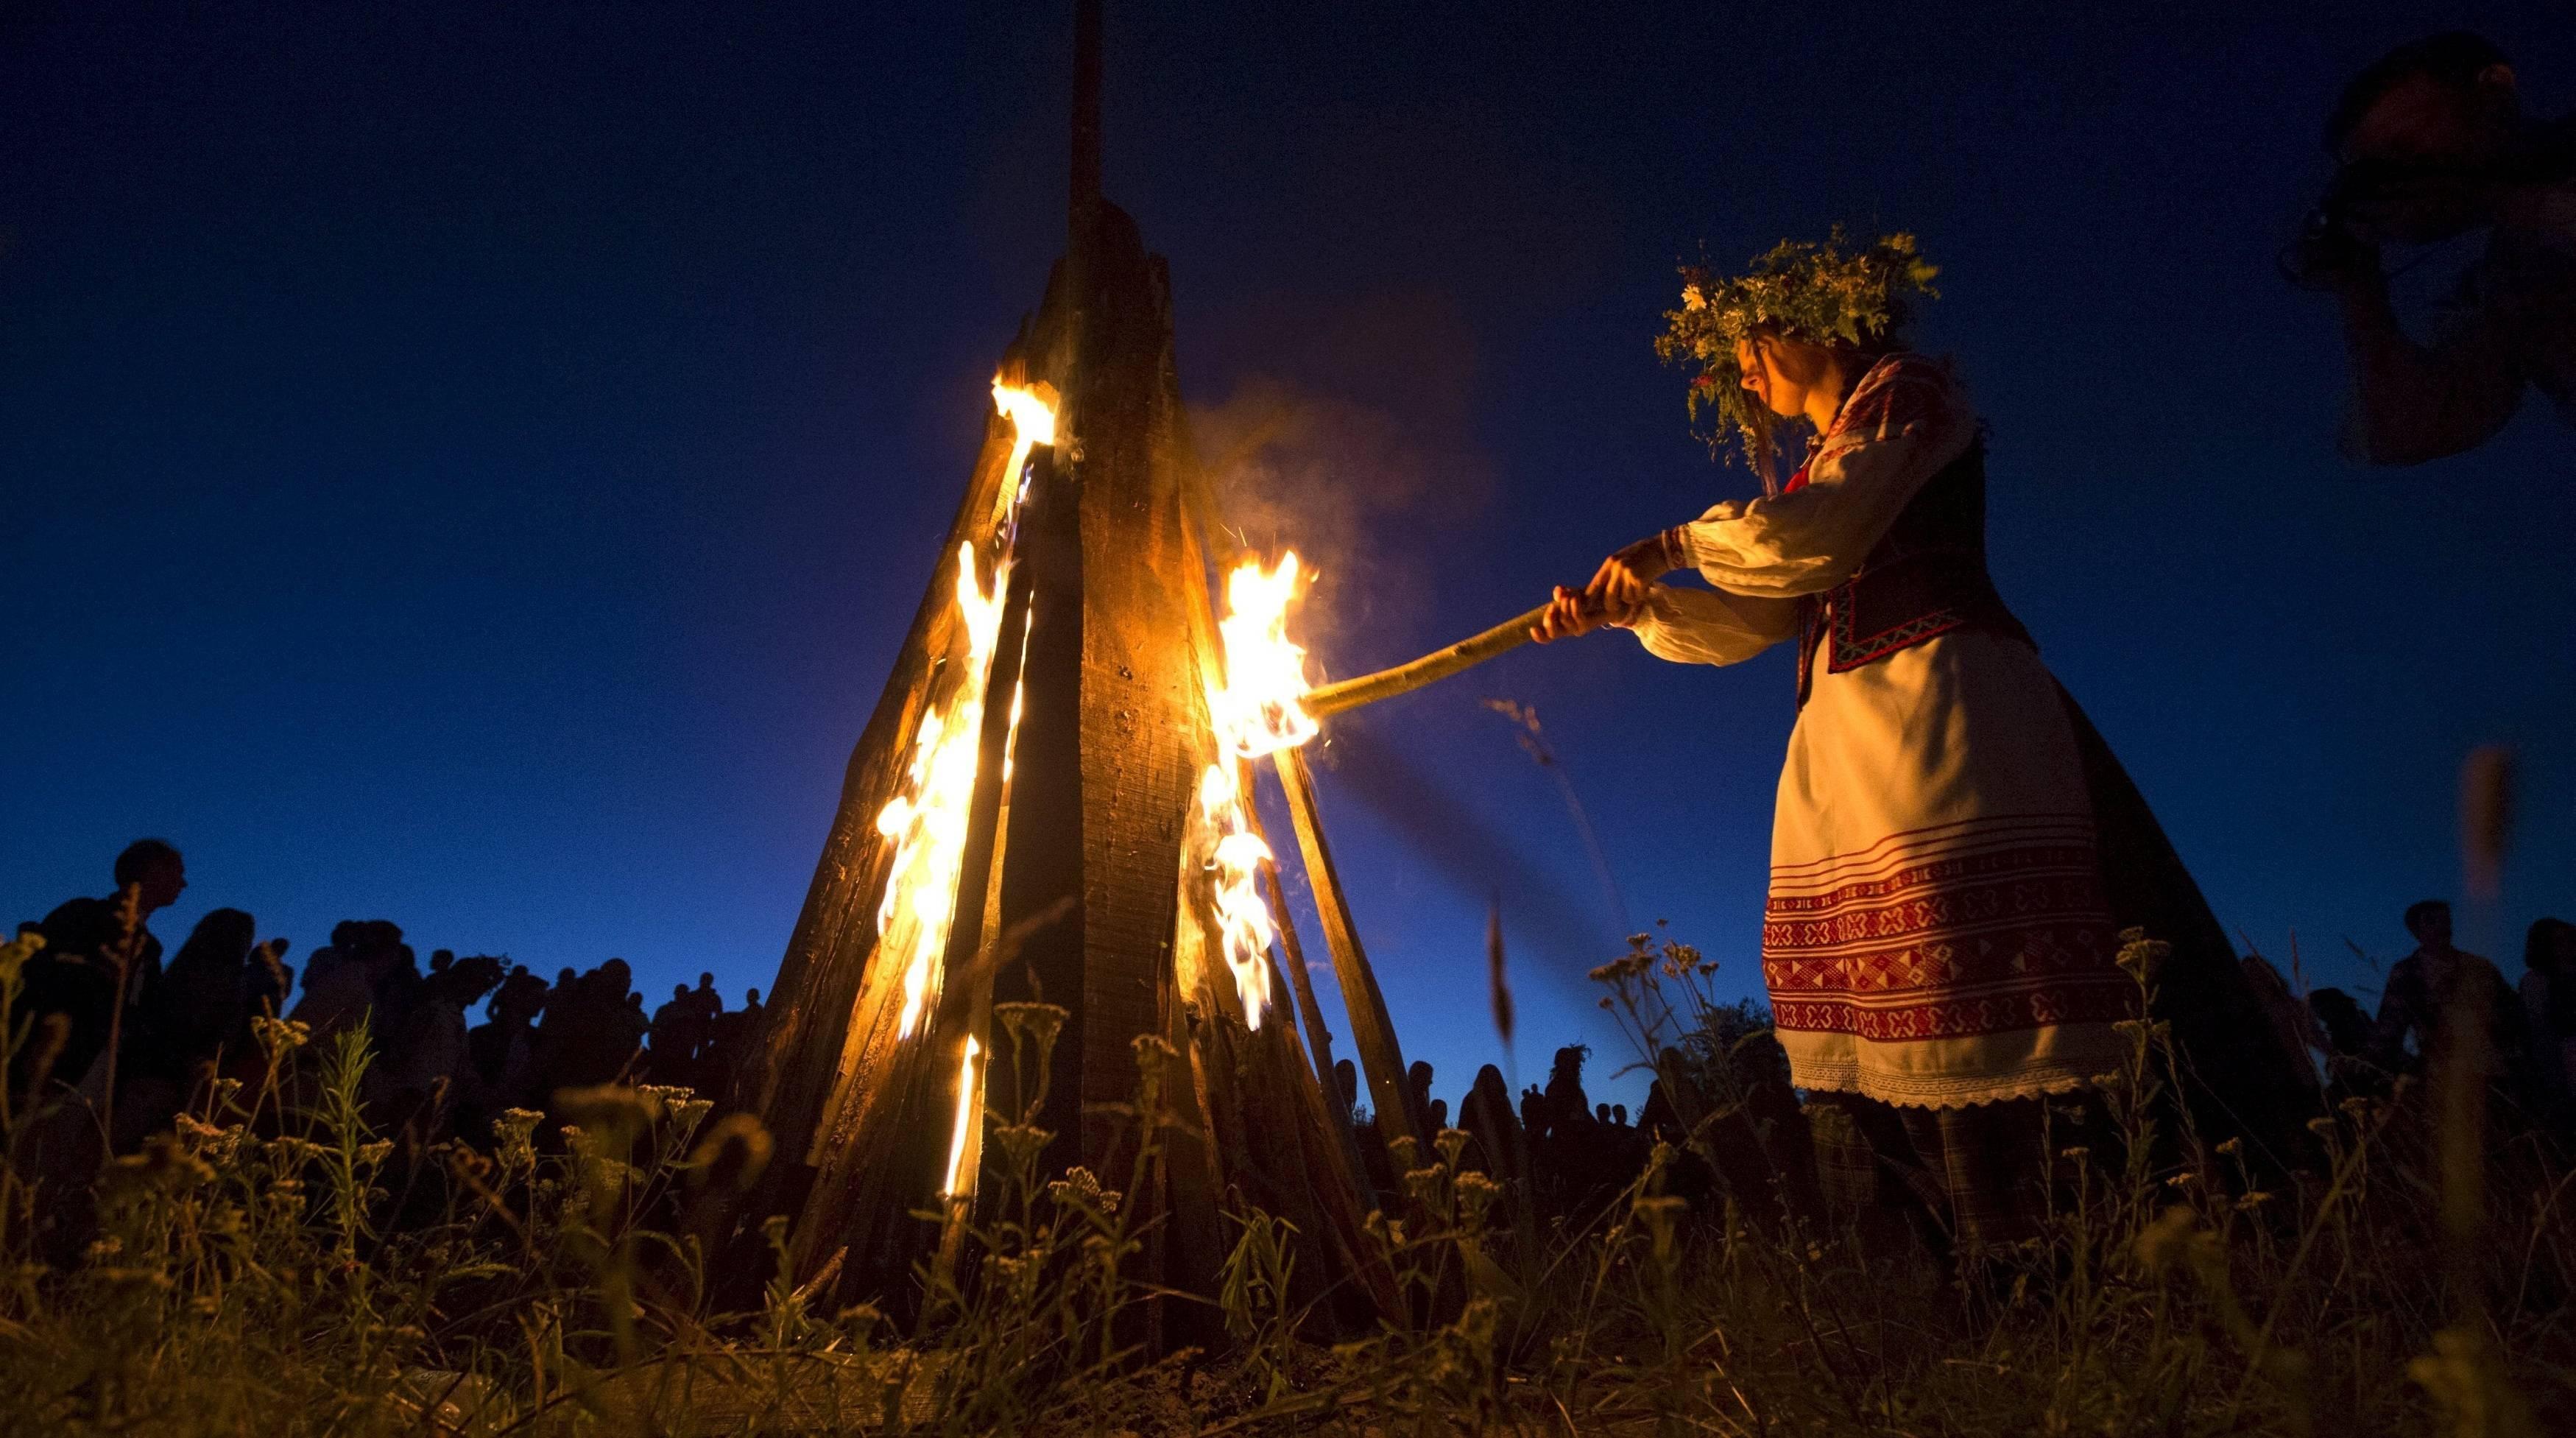 Лугнасад в 2021 году: традиционная еда, ритуалы и поверья